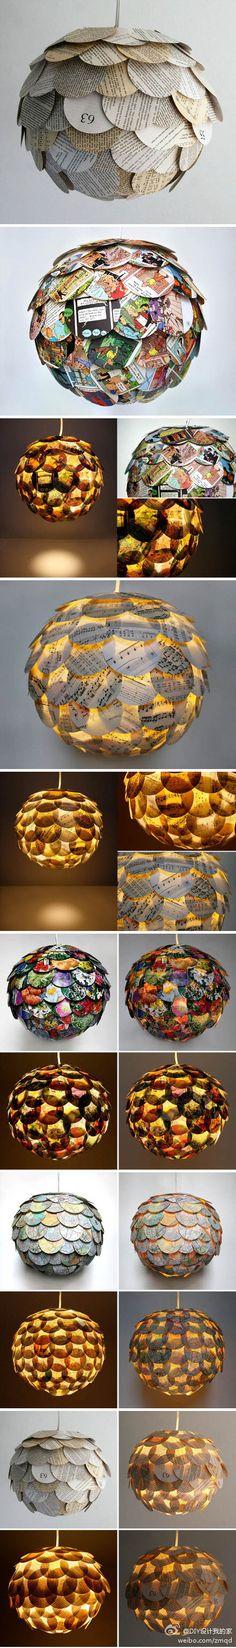 创意DIY吊灯/纽约建筑设计师 Allison Patrick 设计了30个吊灯的DIY设计,都是 用不同的纸裁剪后粘贴成的,比如地图,电话本,小说,杂志等等不同的纸,这样的东西不管放在哪里都会很亮眼吧?关键的是,做起来也不难啊!